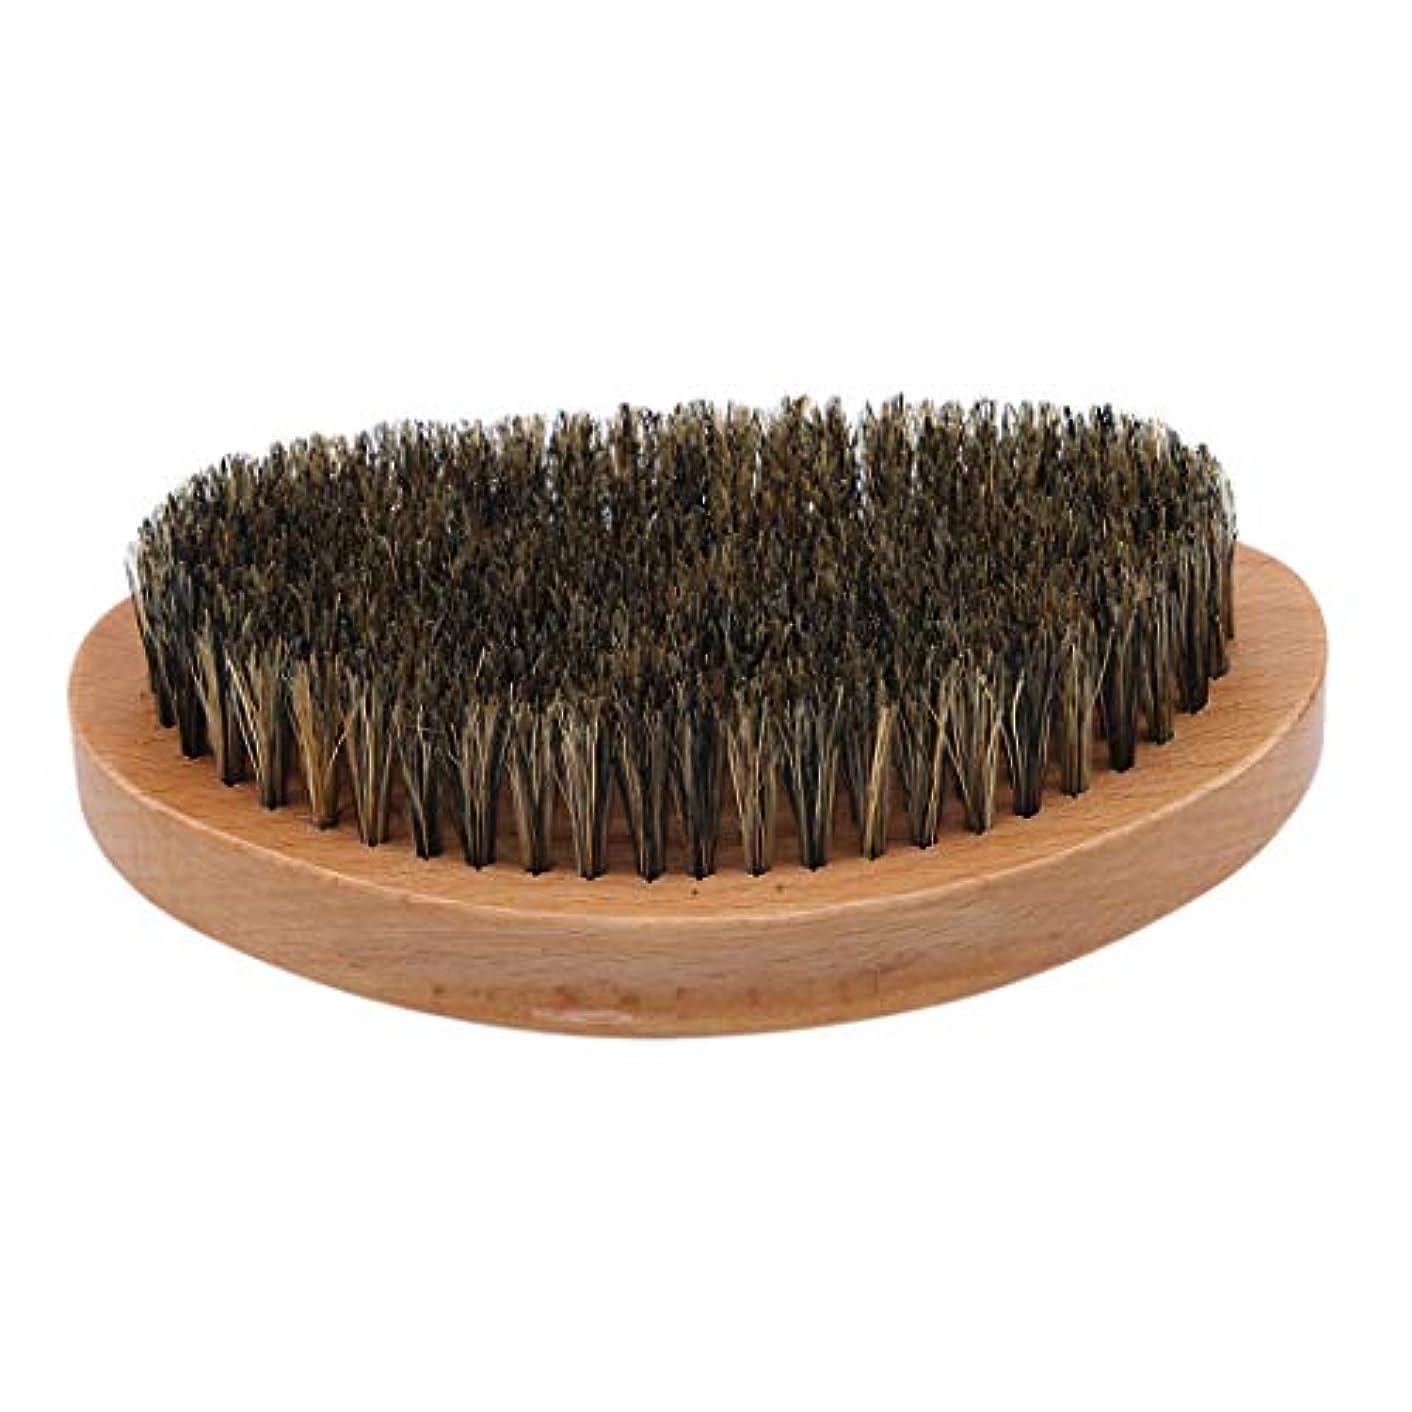 階段海外可能KLUMA ひげブラシ シェービングブラシ 髭剃り 毛髭ブラシ 泡立ち 理容 美容ツール 旅行用 1#